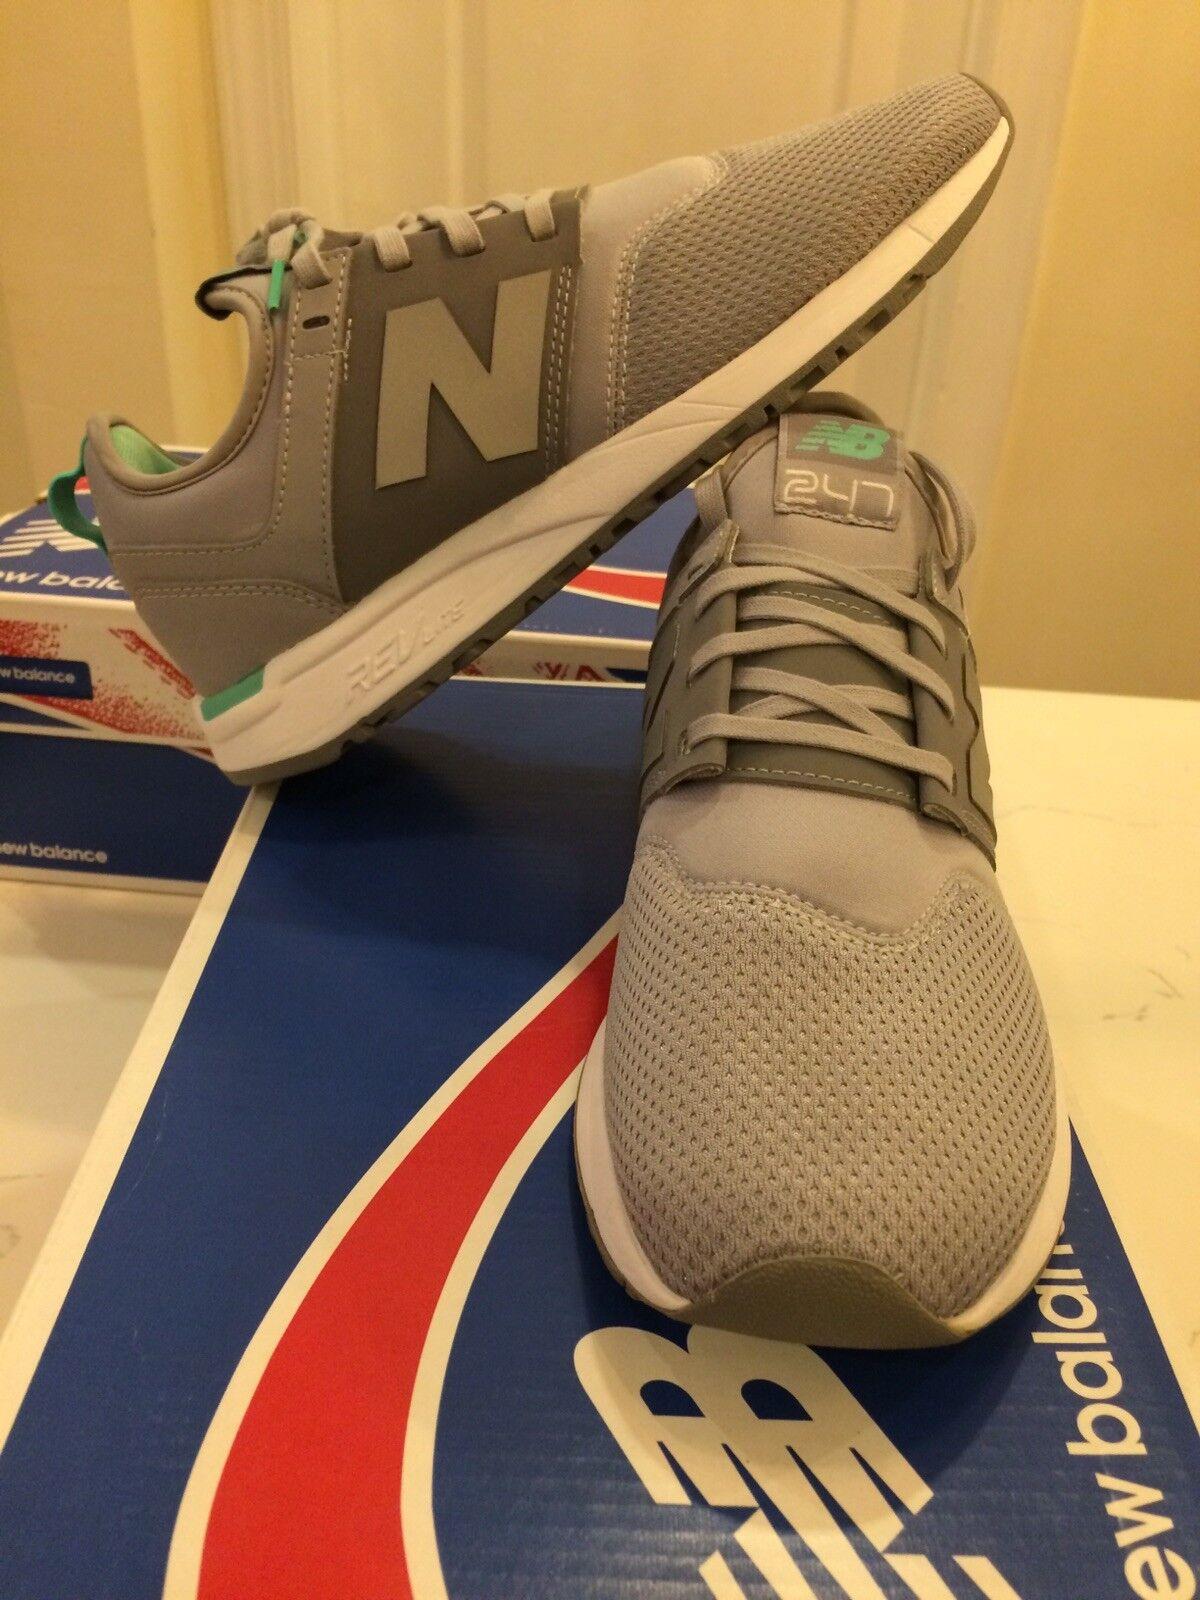 Nuevo En Caja Tenis New Balance de mujer 247 WRL247FC Plata Visón vivos Jade zapatos